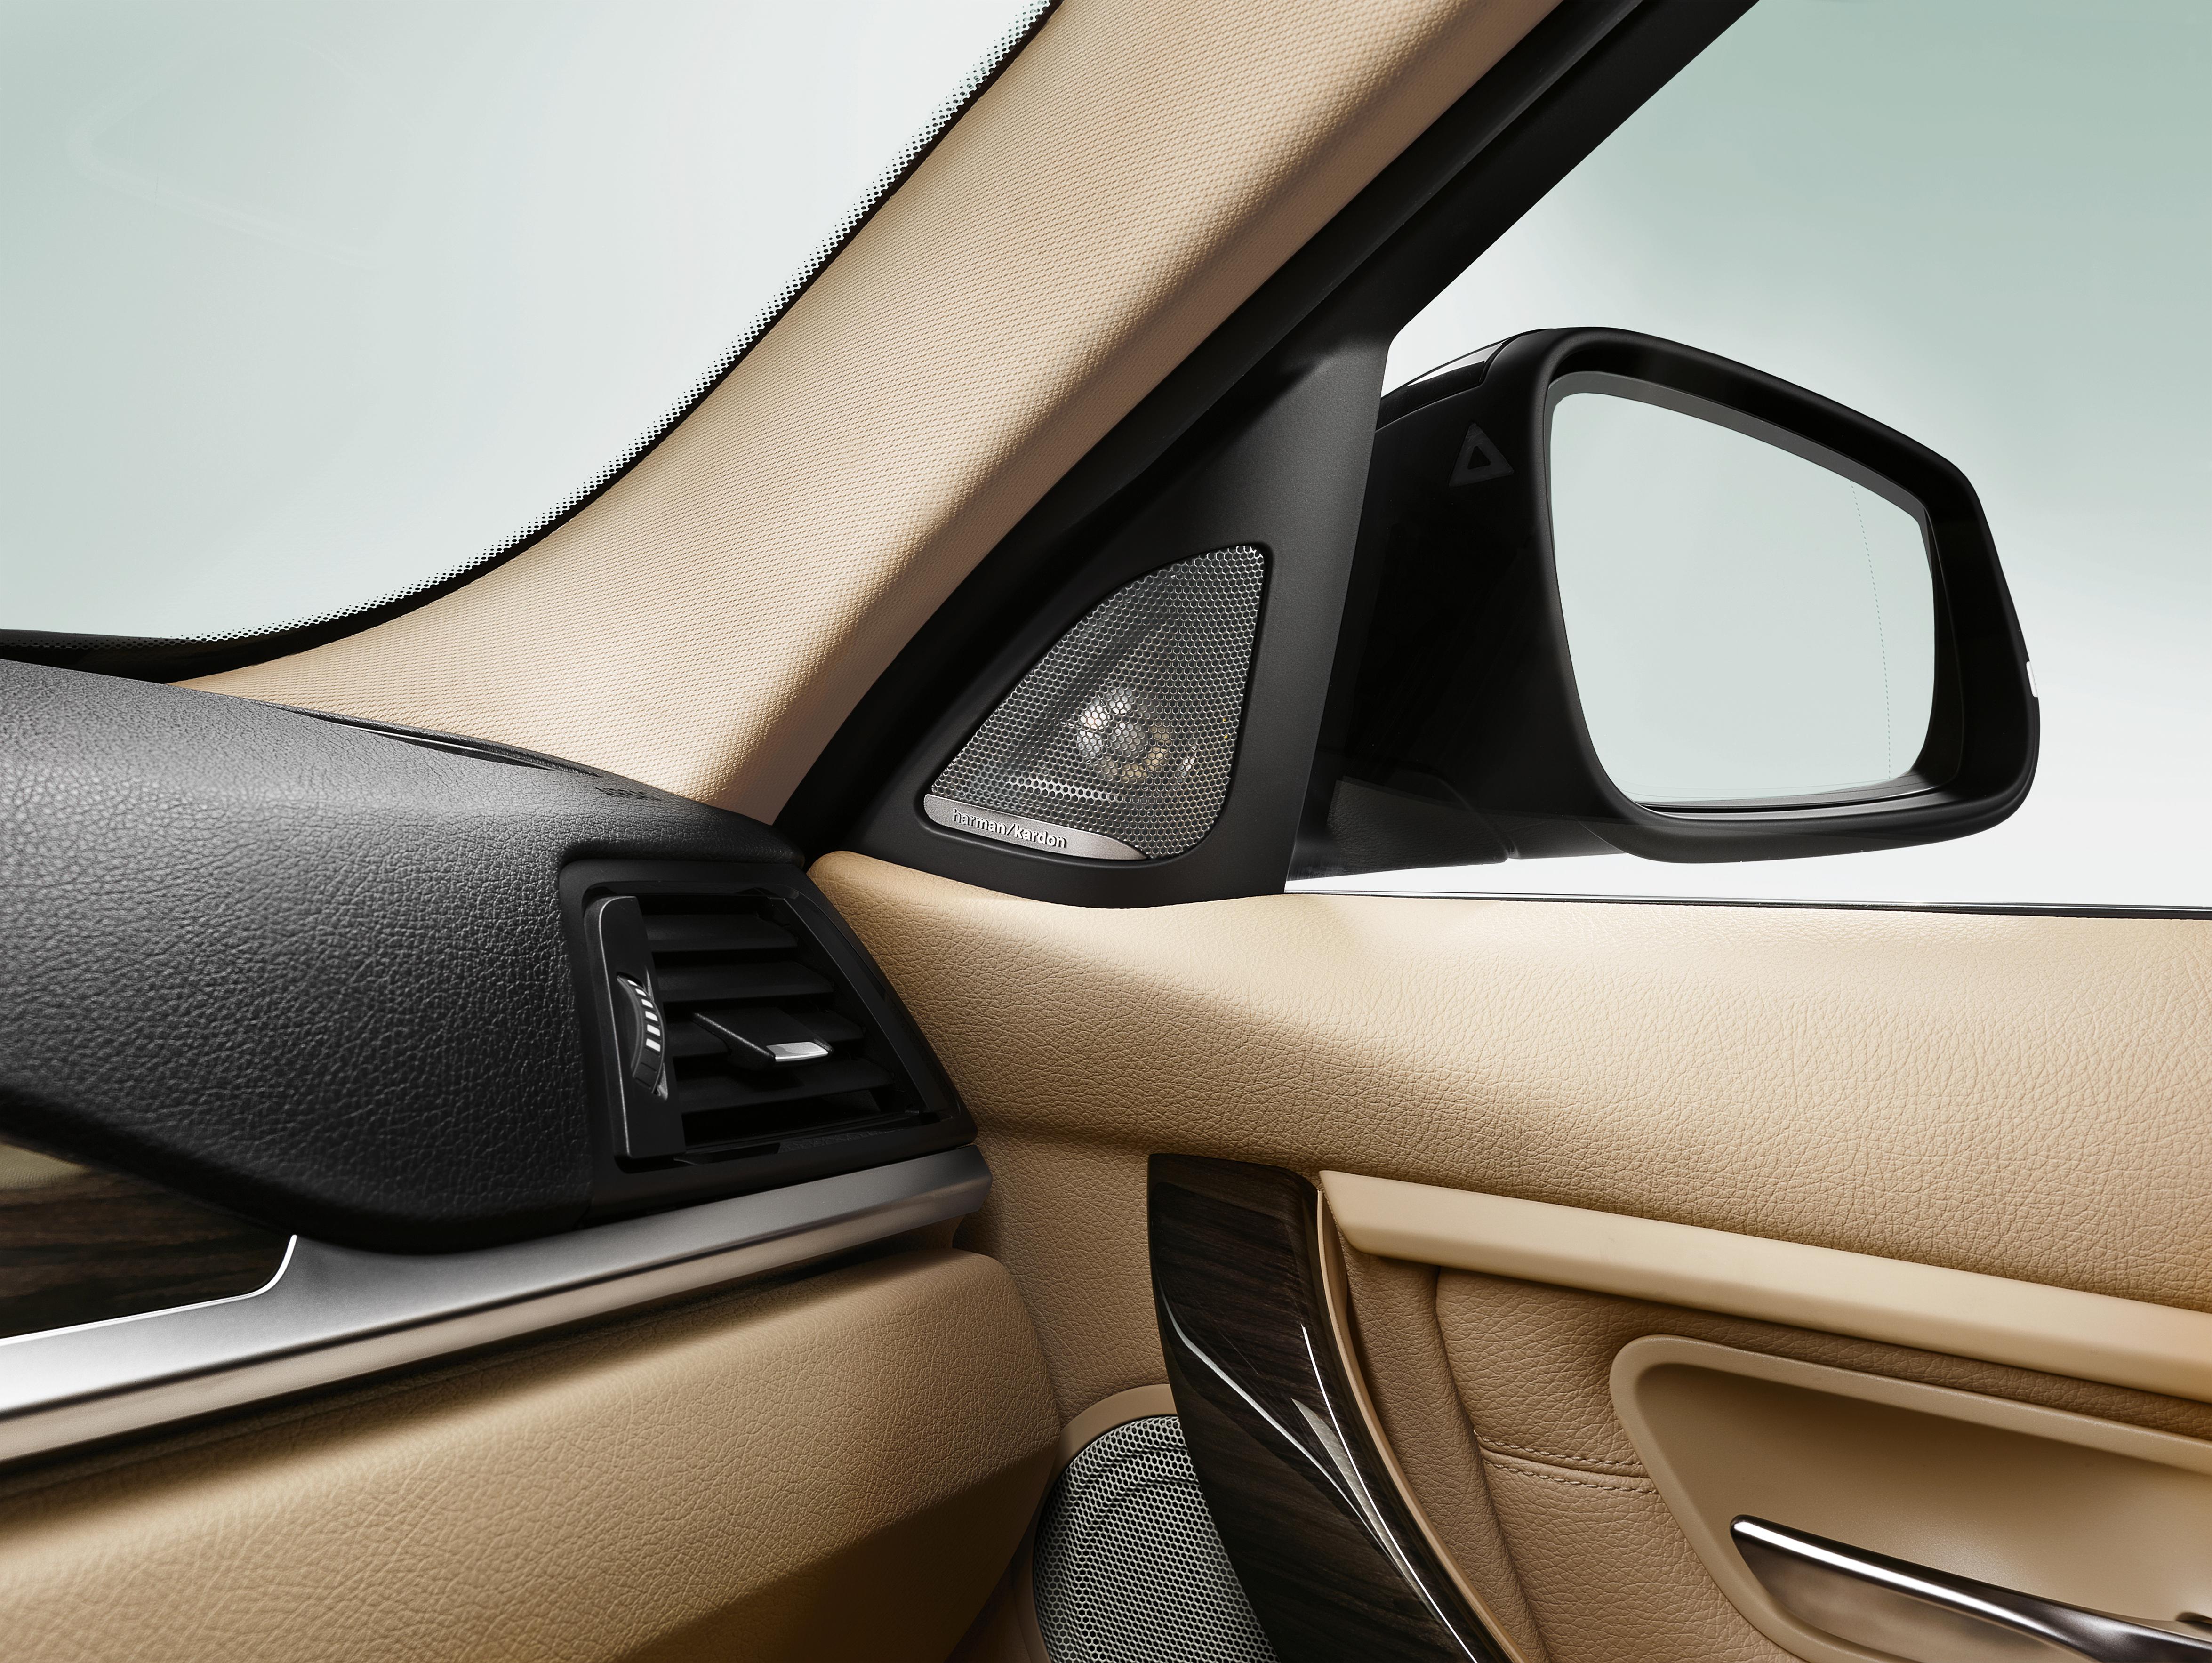 2013 BMW 3 Series F30 Interior Detail Exterior Mirror